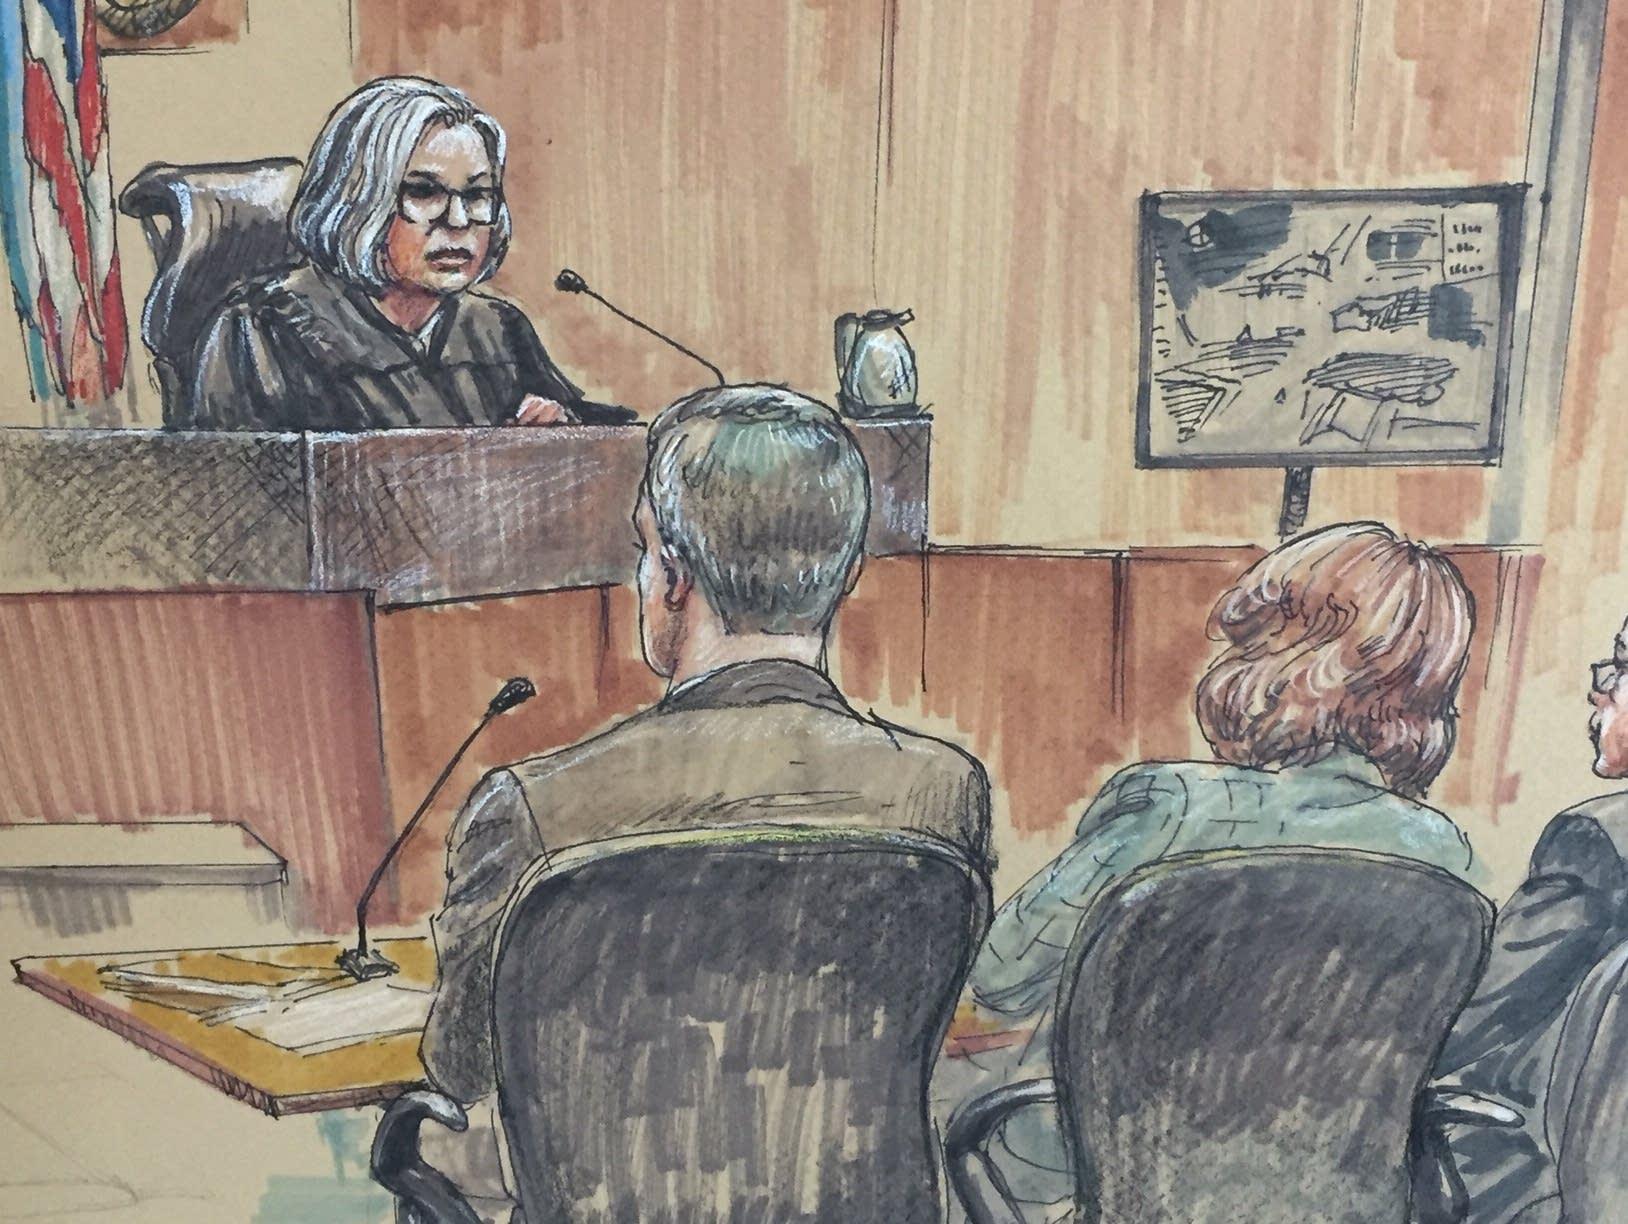 Inside the courtroom at Mohamed Noor's trial on April 2, 2019.